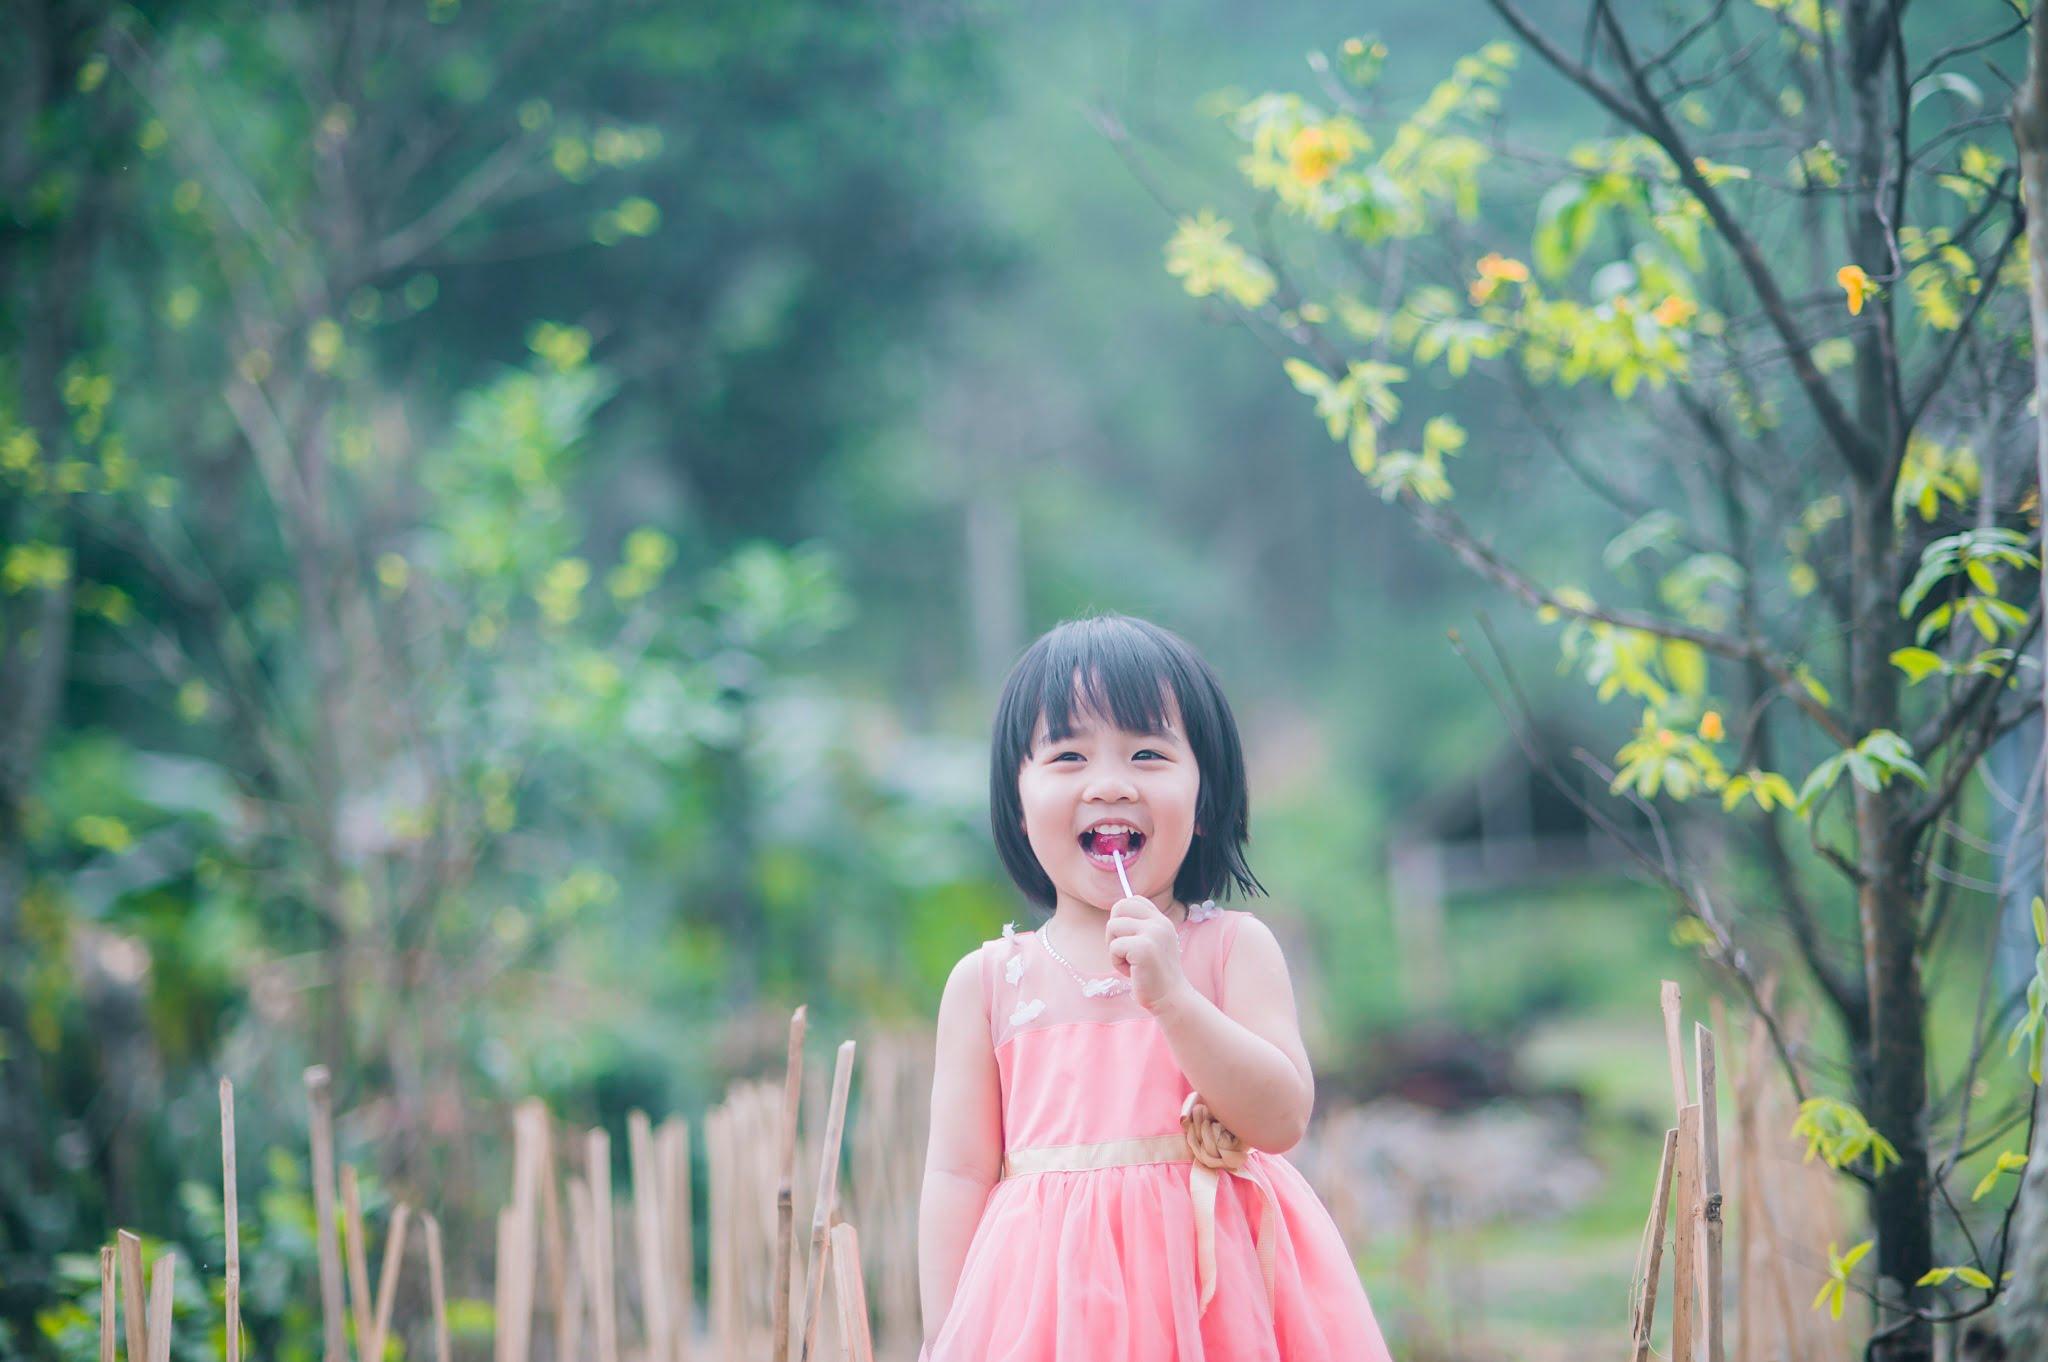 li 9 - Ảnh chụp bé Xuân Nhi Tp. Đà Nẵng